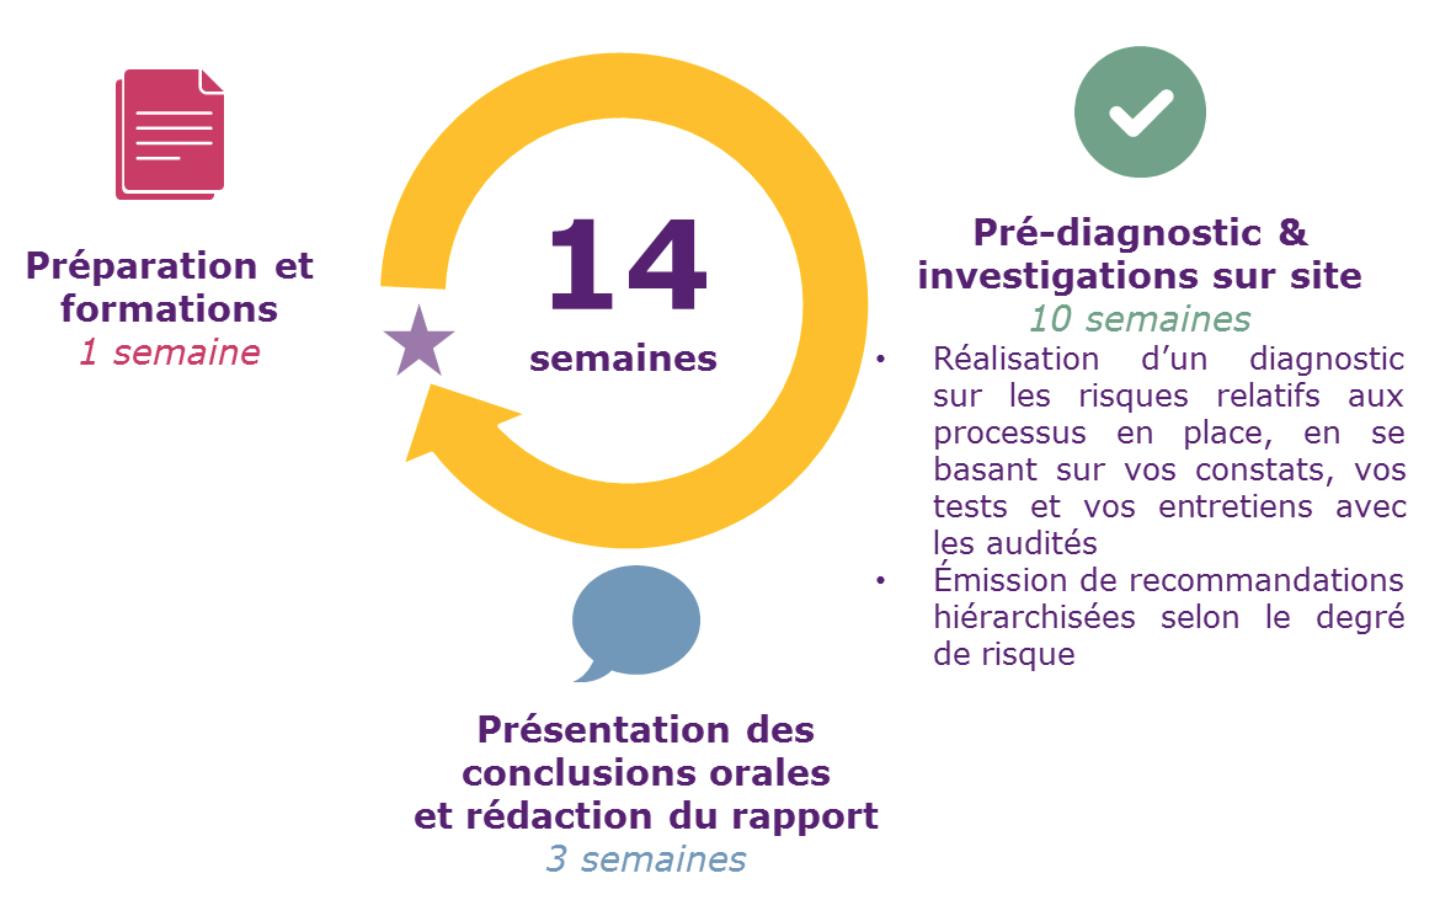 Cylce de 14semaines : 1 de préparation, 10 de Mission, 3 de rapports et conclusions